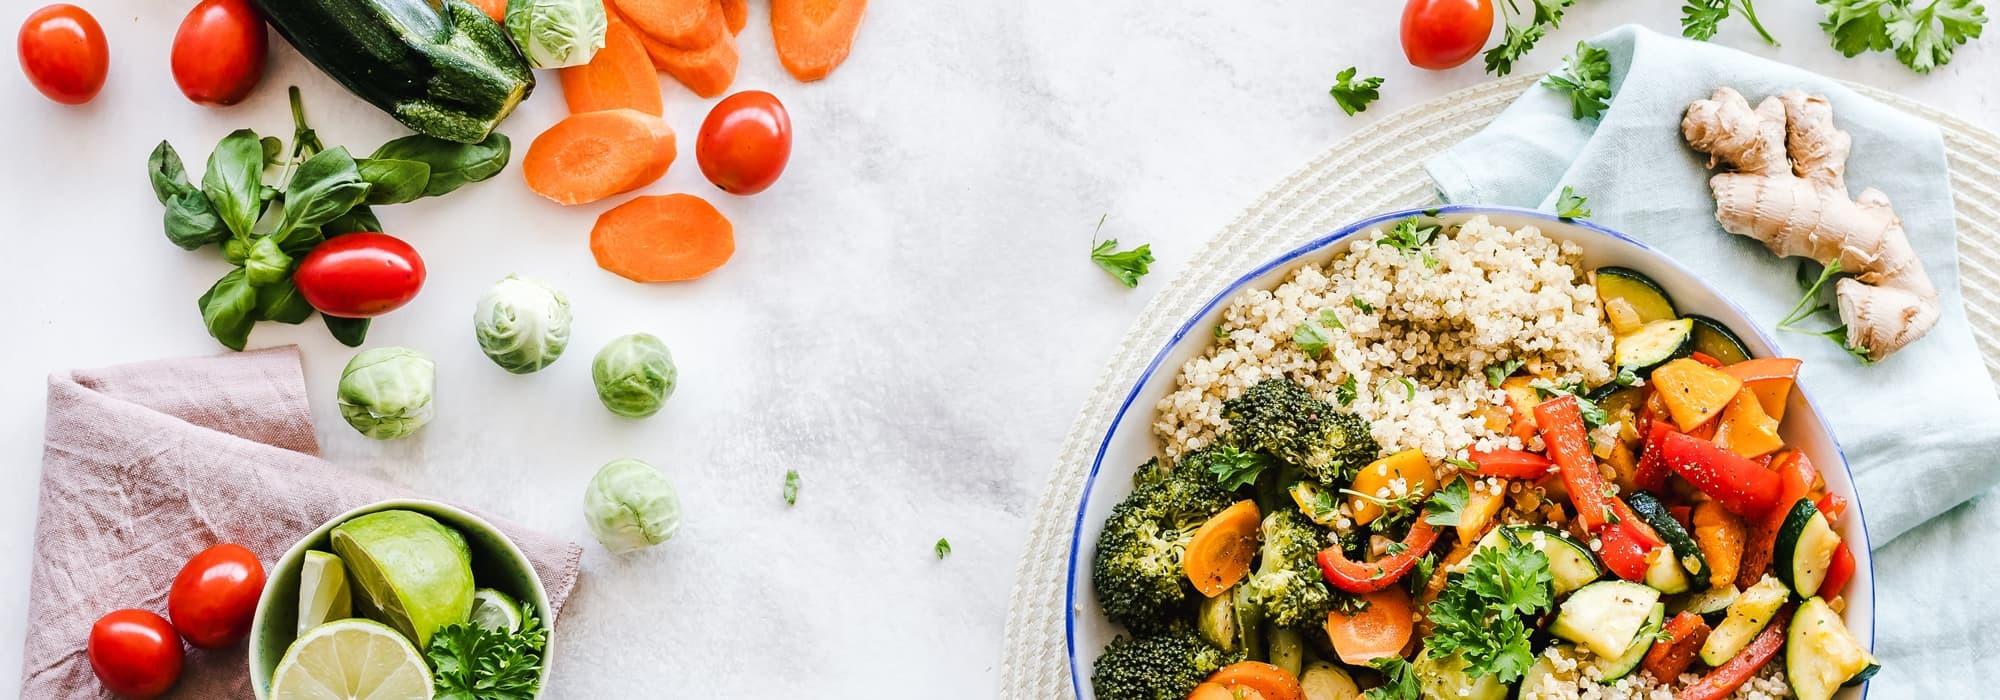 食物營養金字塔指南【健康養生必看】|Kama Delivery到會外賣速遞服務